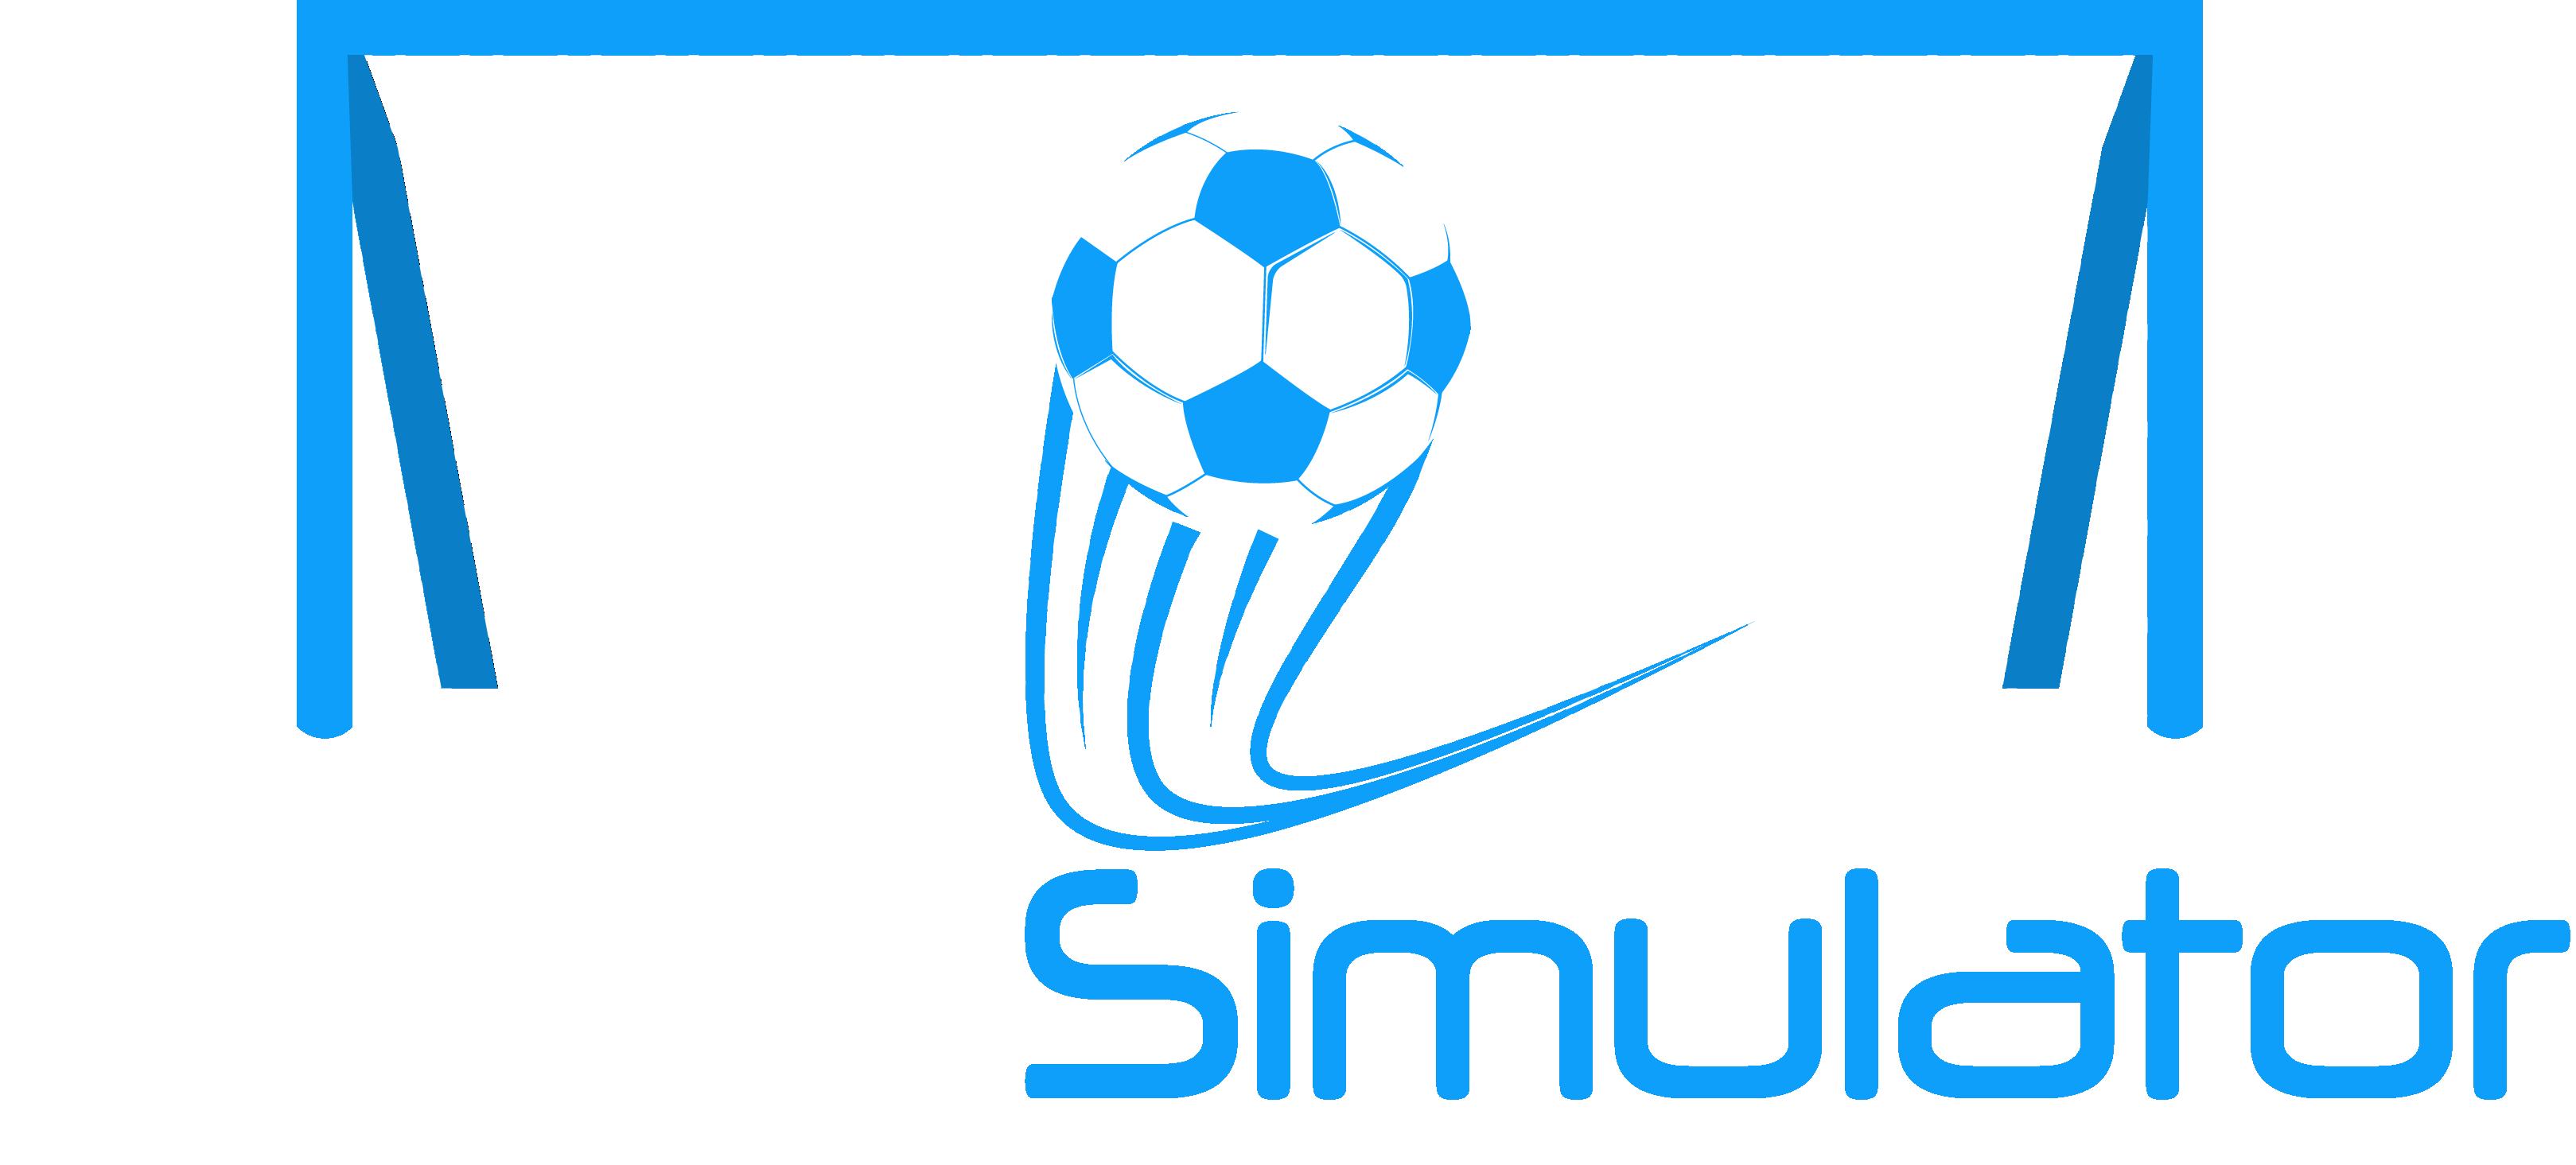 FootySimulator - The International Football Scores Predictor. El pronosticador de resultados de fútbol internacional